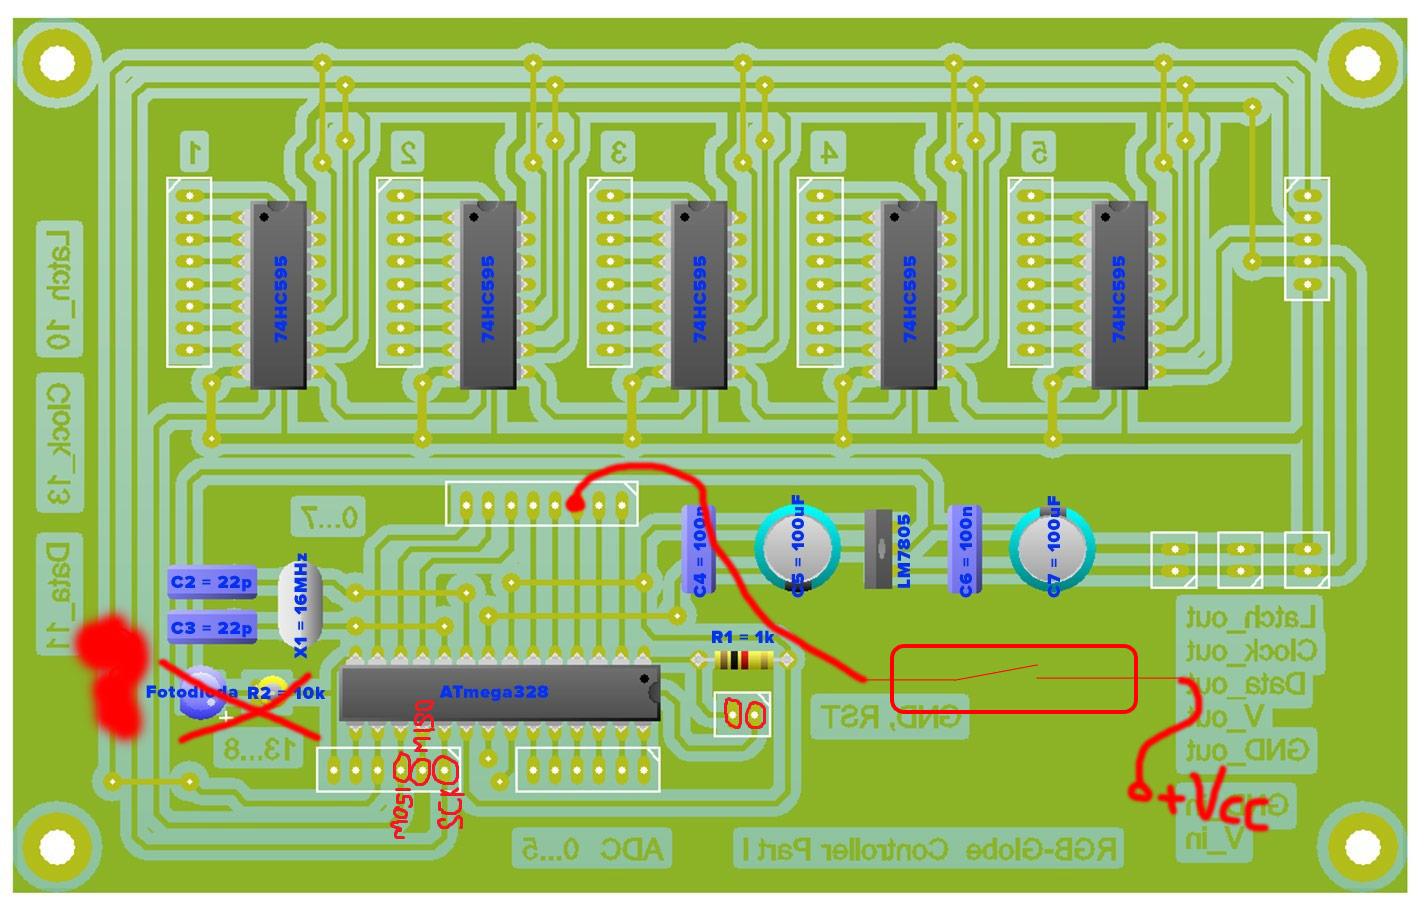 Arduino und nRF24L01 - Schullebernds